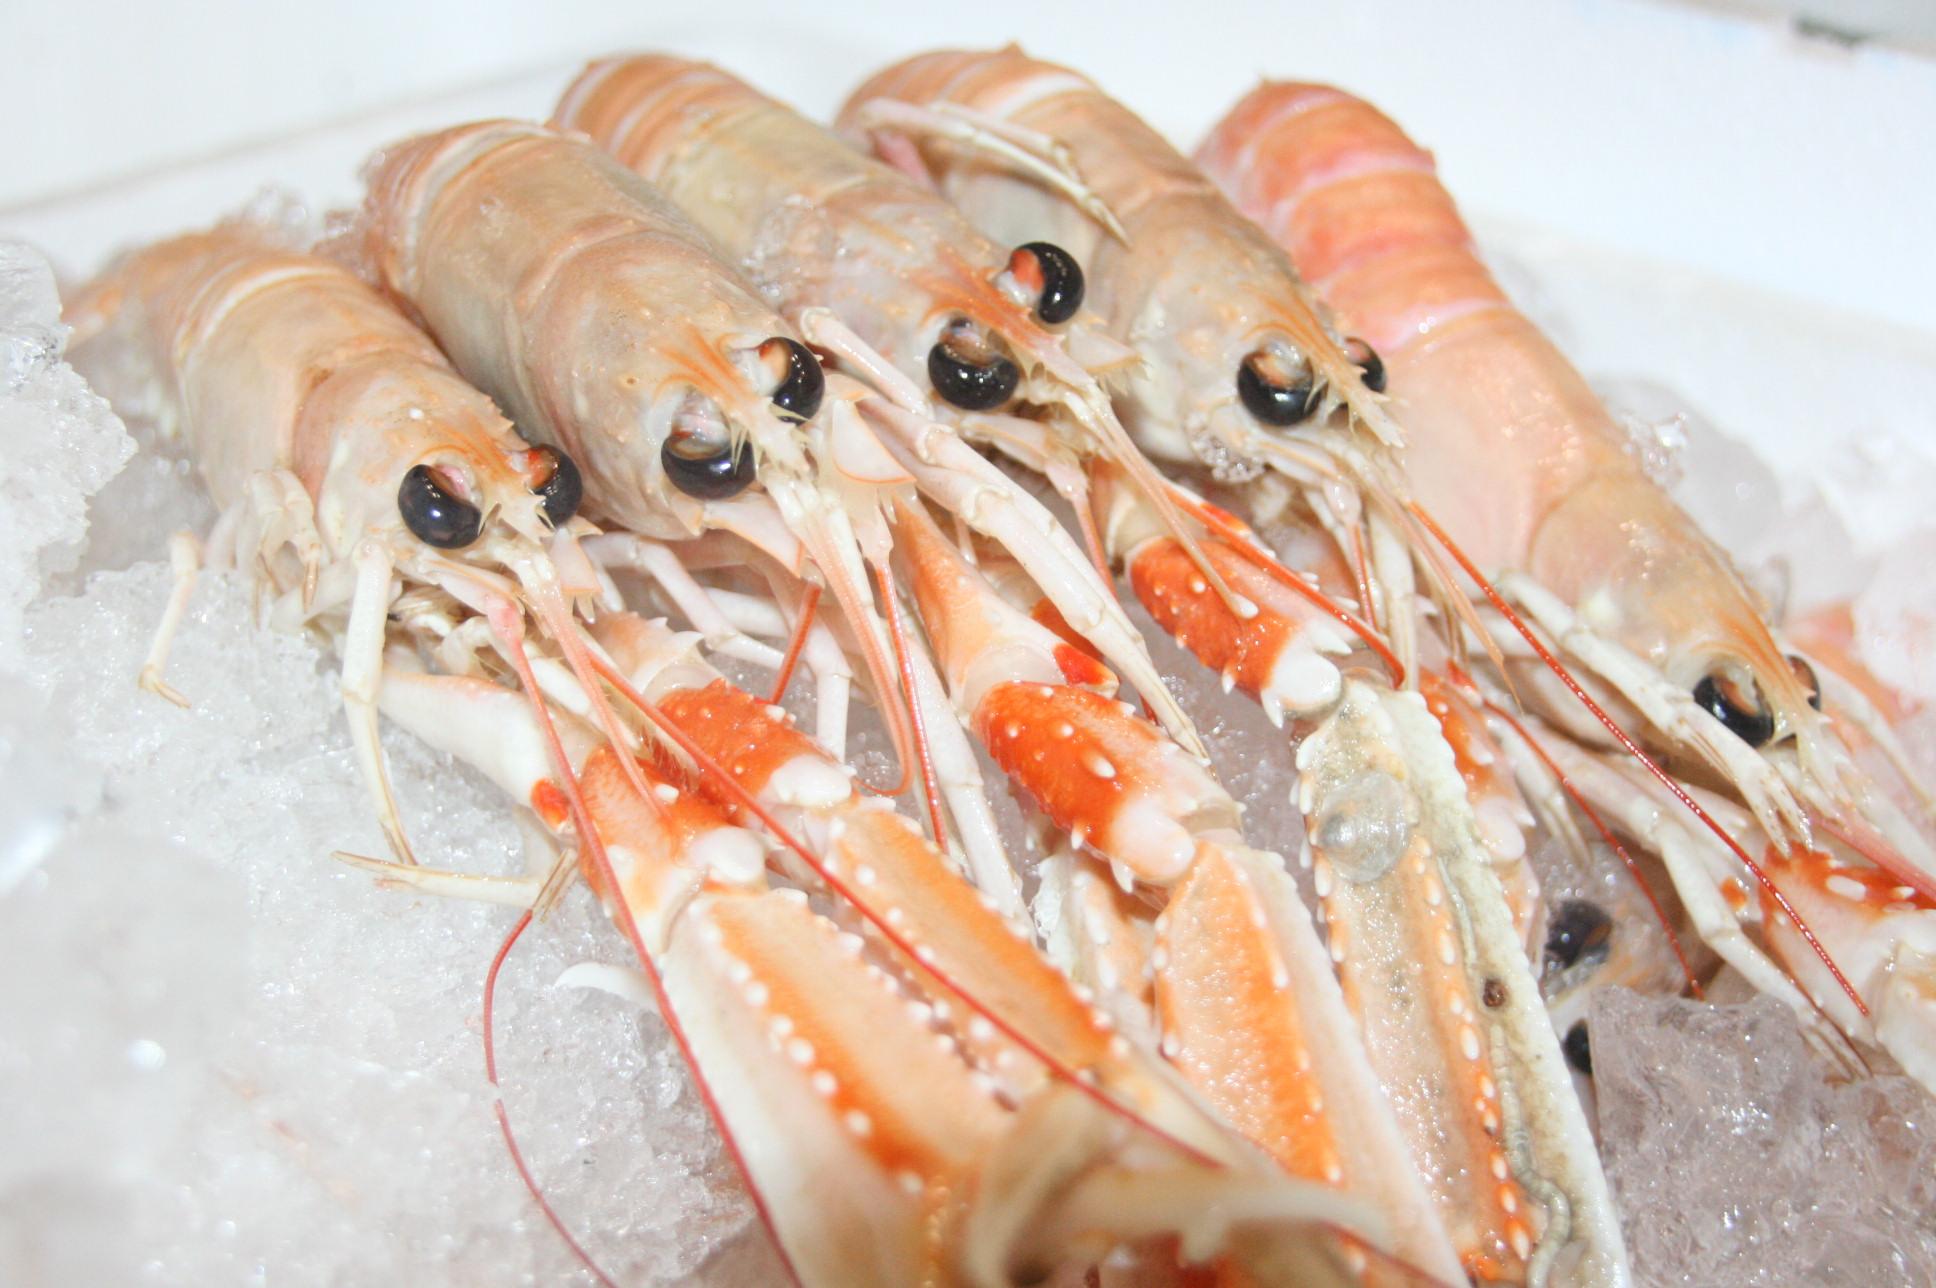 龍蝦Langoustine Dublin bay prawn 101購物商城101網購美食 團購 網購 網購美食 團購美食 日本進口食材-進口食材 烤 ...